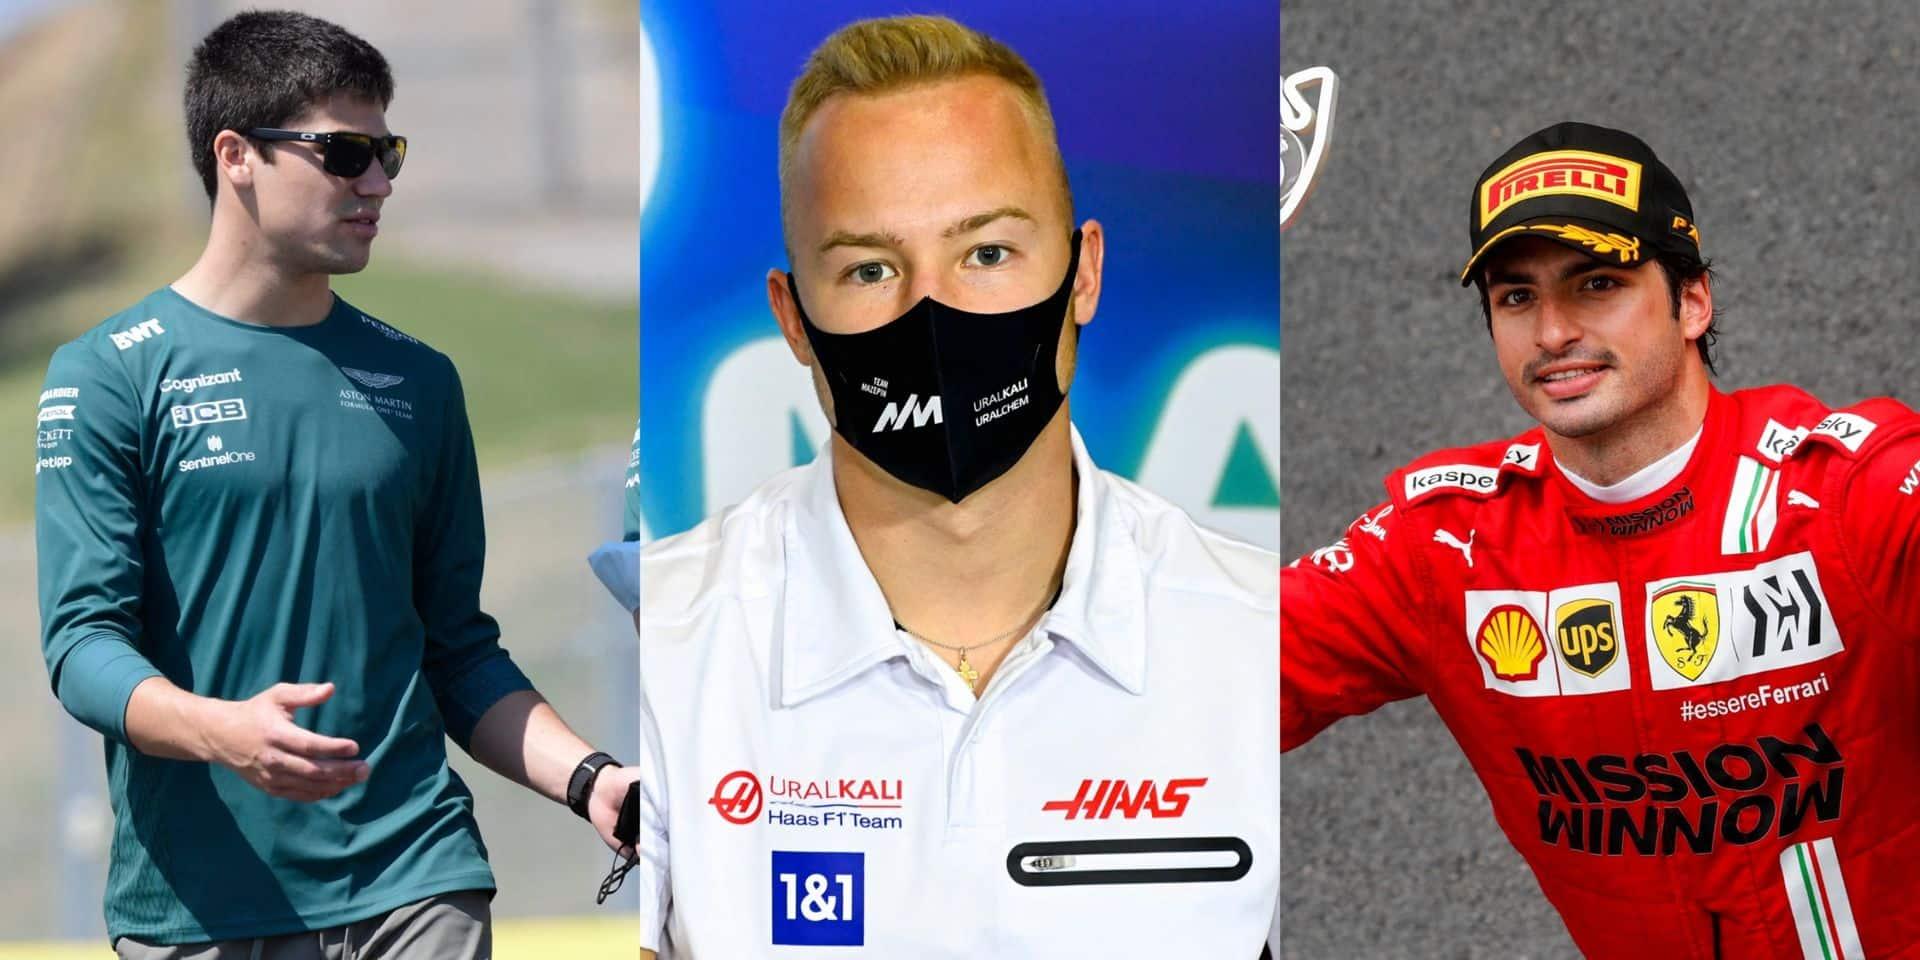 Qui sont les fils de milliardaires visés par Lewis Hamilton?